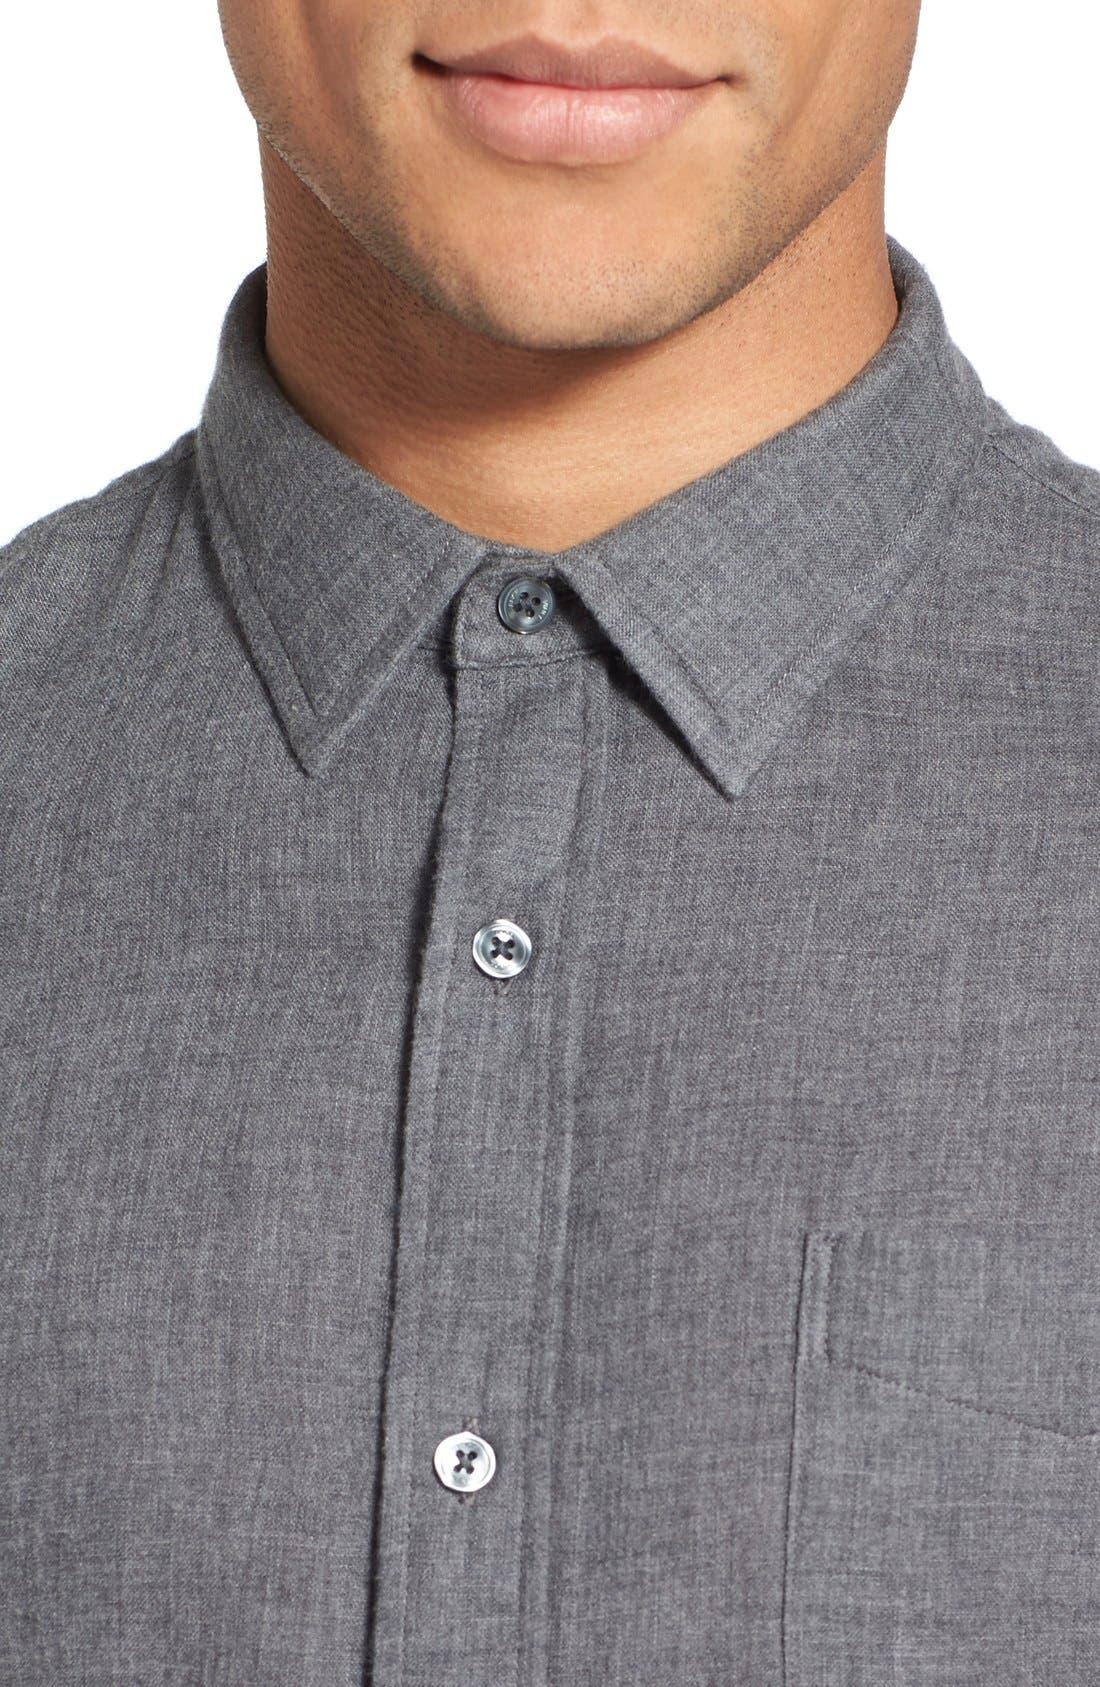 'Melrose' Sport Shirt,                             Alternate thumbnail 3, color,                             020